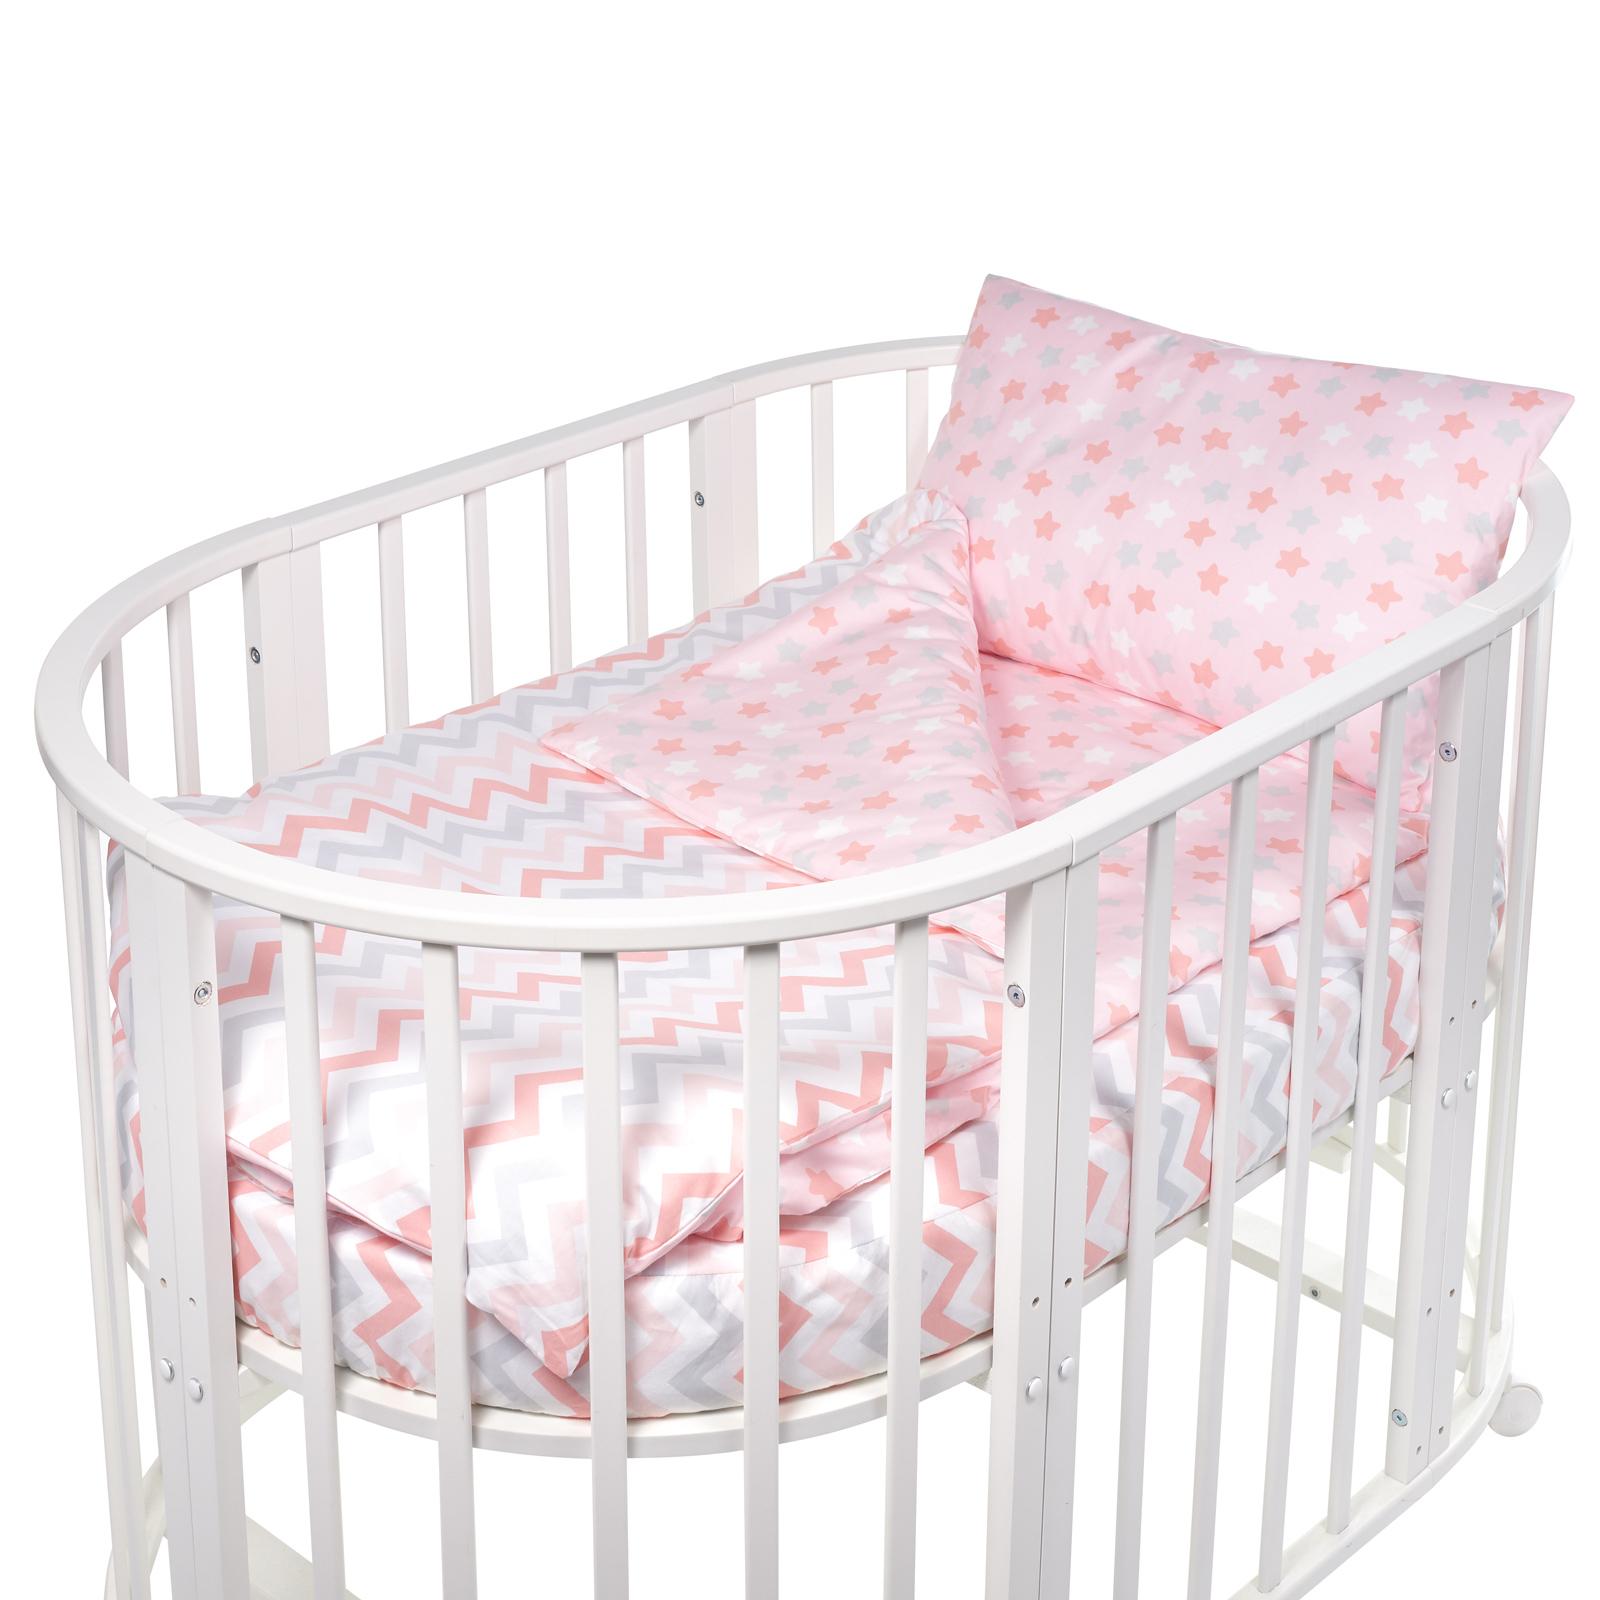 Постельные принадлежности Sweet Baby Amato комплект постельного белья sweet baby amato 419070 розовый 4 предмета